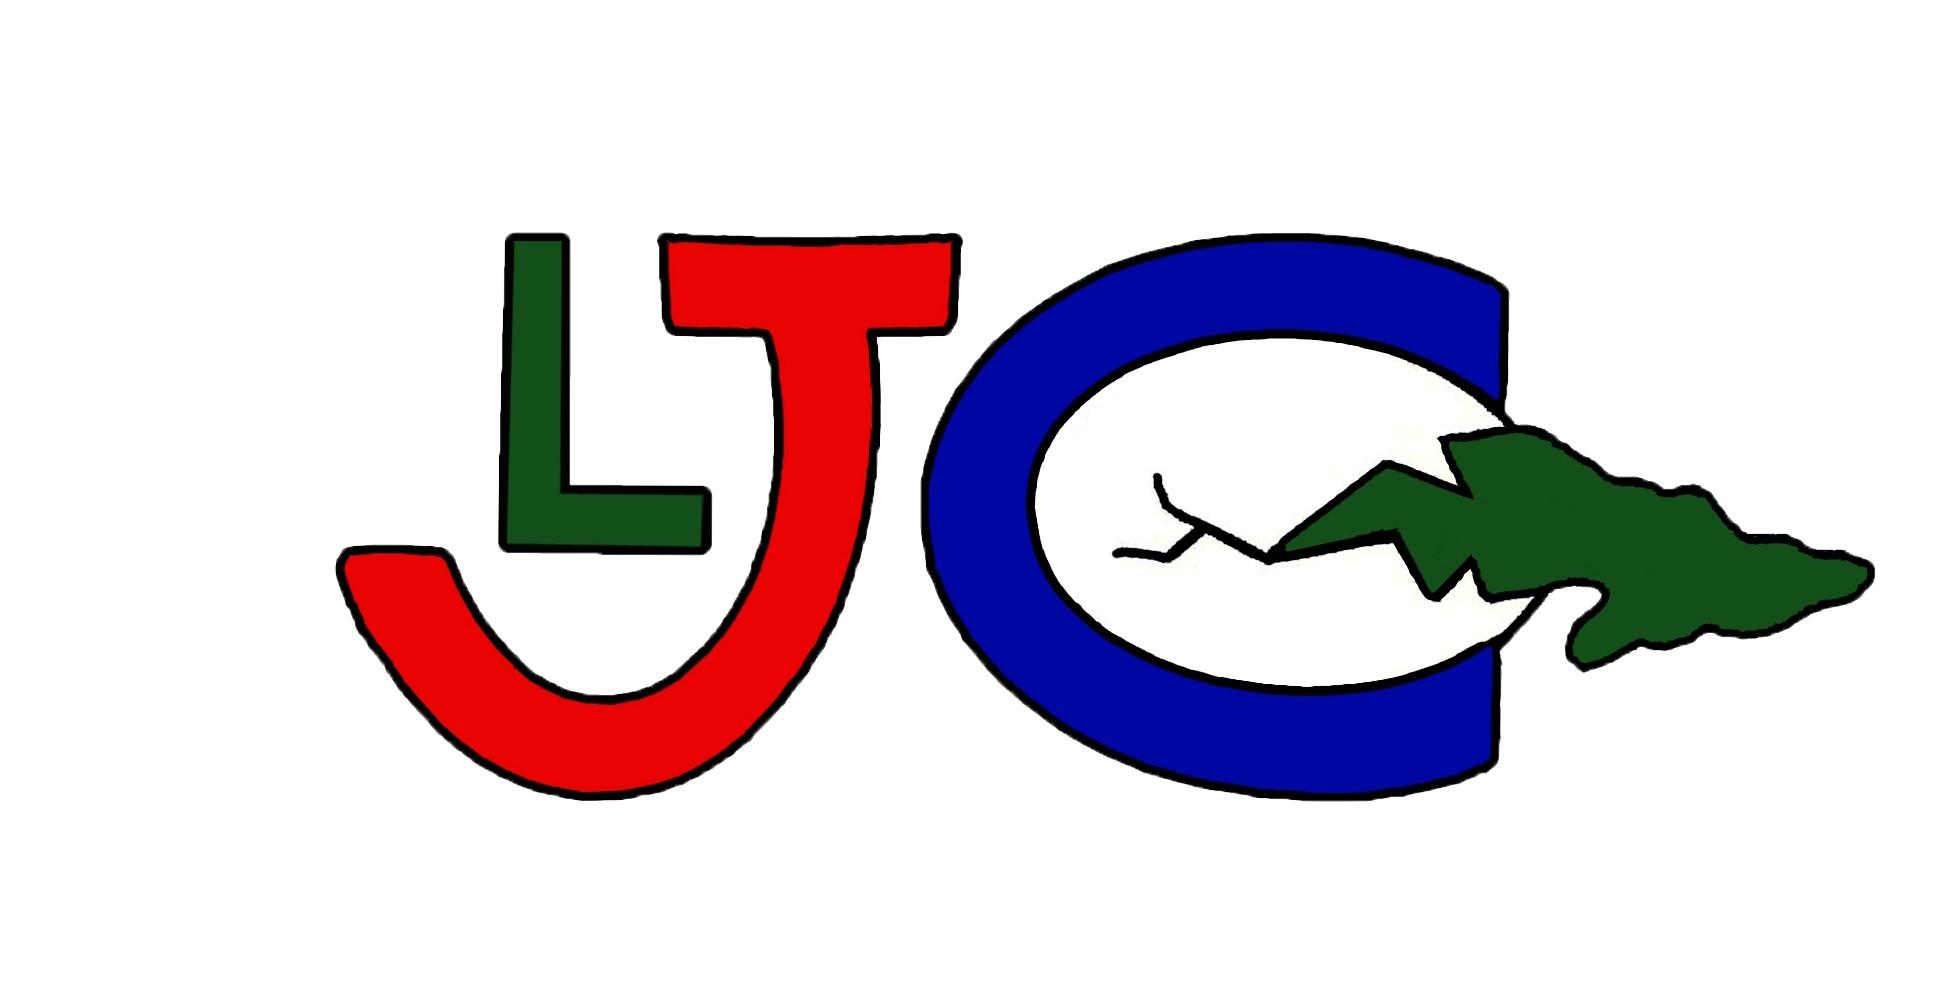 Logo original de LJC, diseñado por el Héroe de la República de Cuba Gerardo Hernández Nordelo desde una cárcel norteamericana.